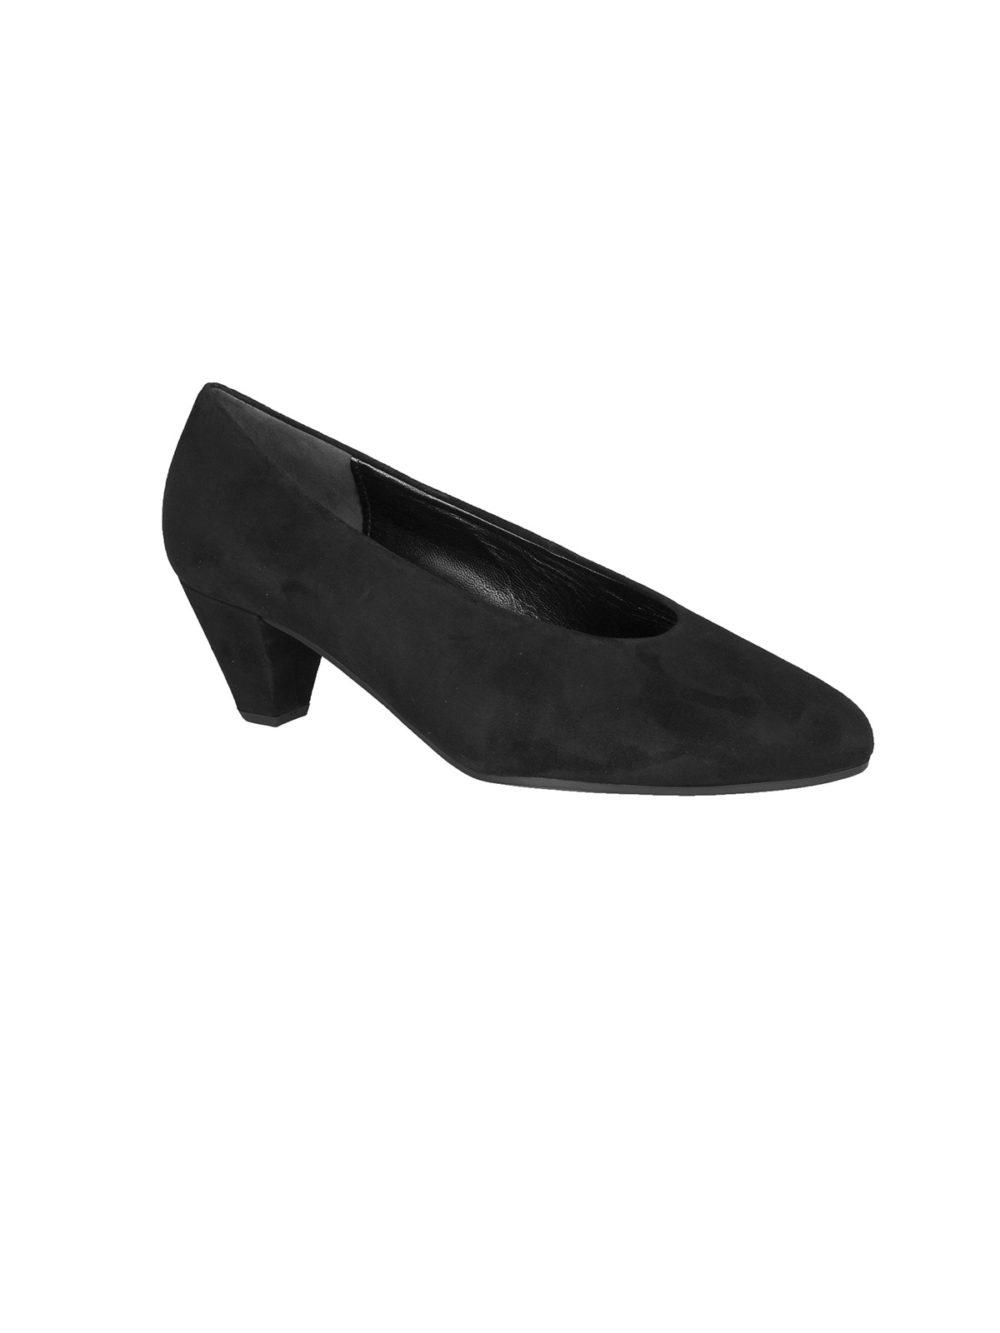 GB192 Gambit Heel Black